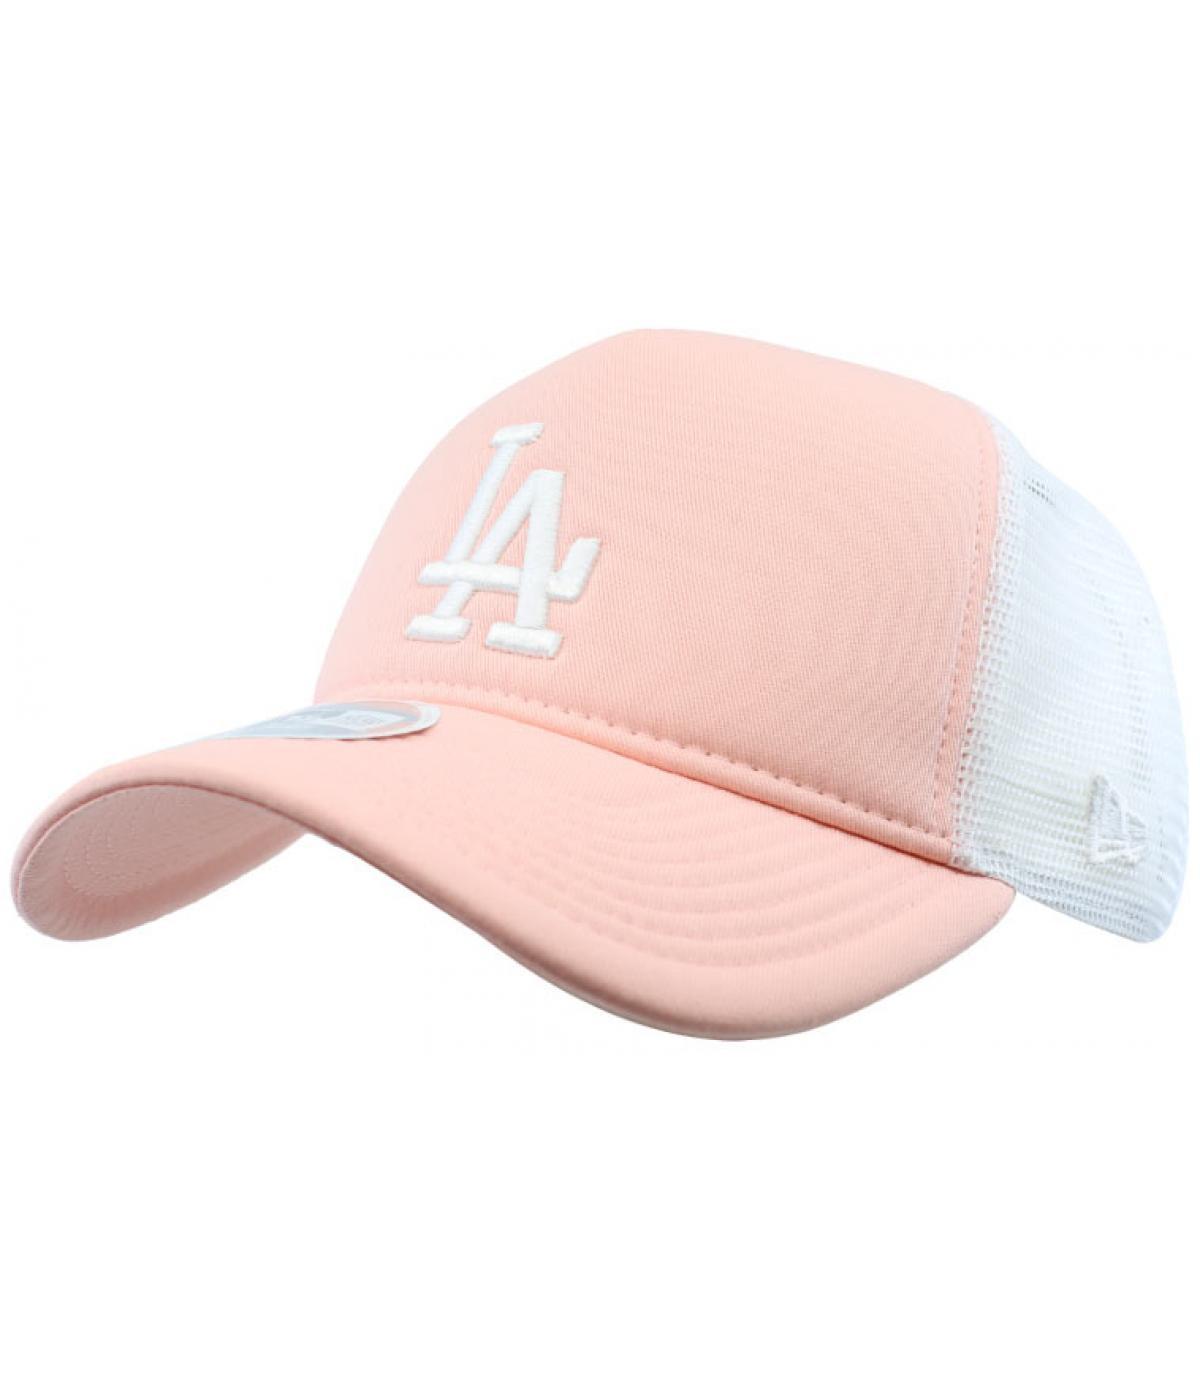 Détails Trucker Wmns League Ess LA pink - image 2